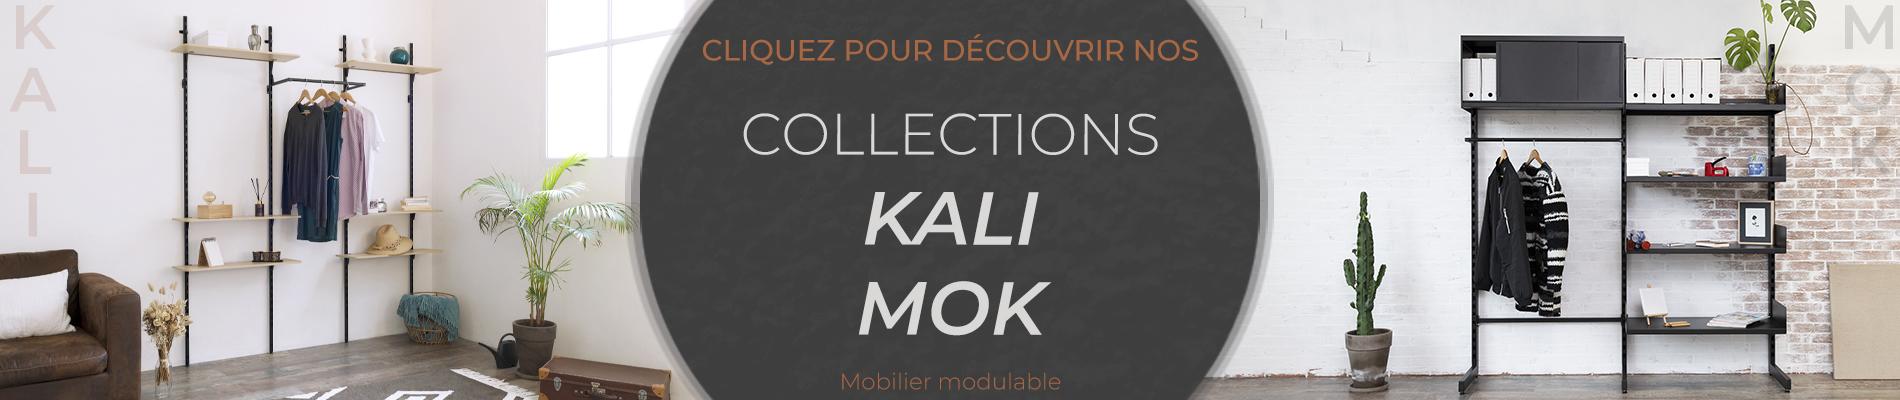 Mobilier modulaire MOK et KALI by SHOP CONCEPT & SERVICES